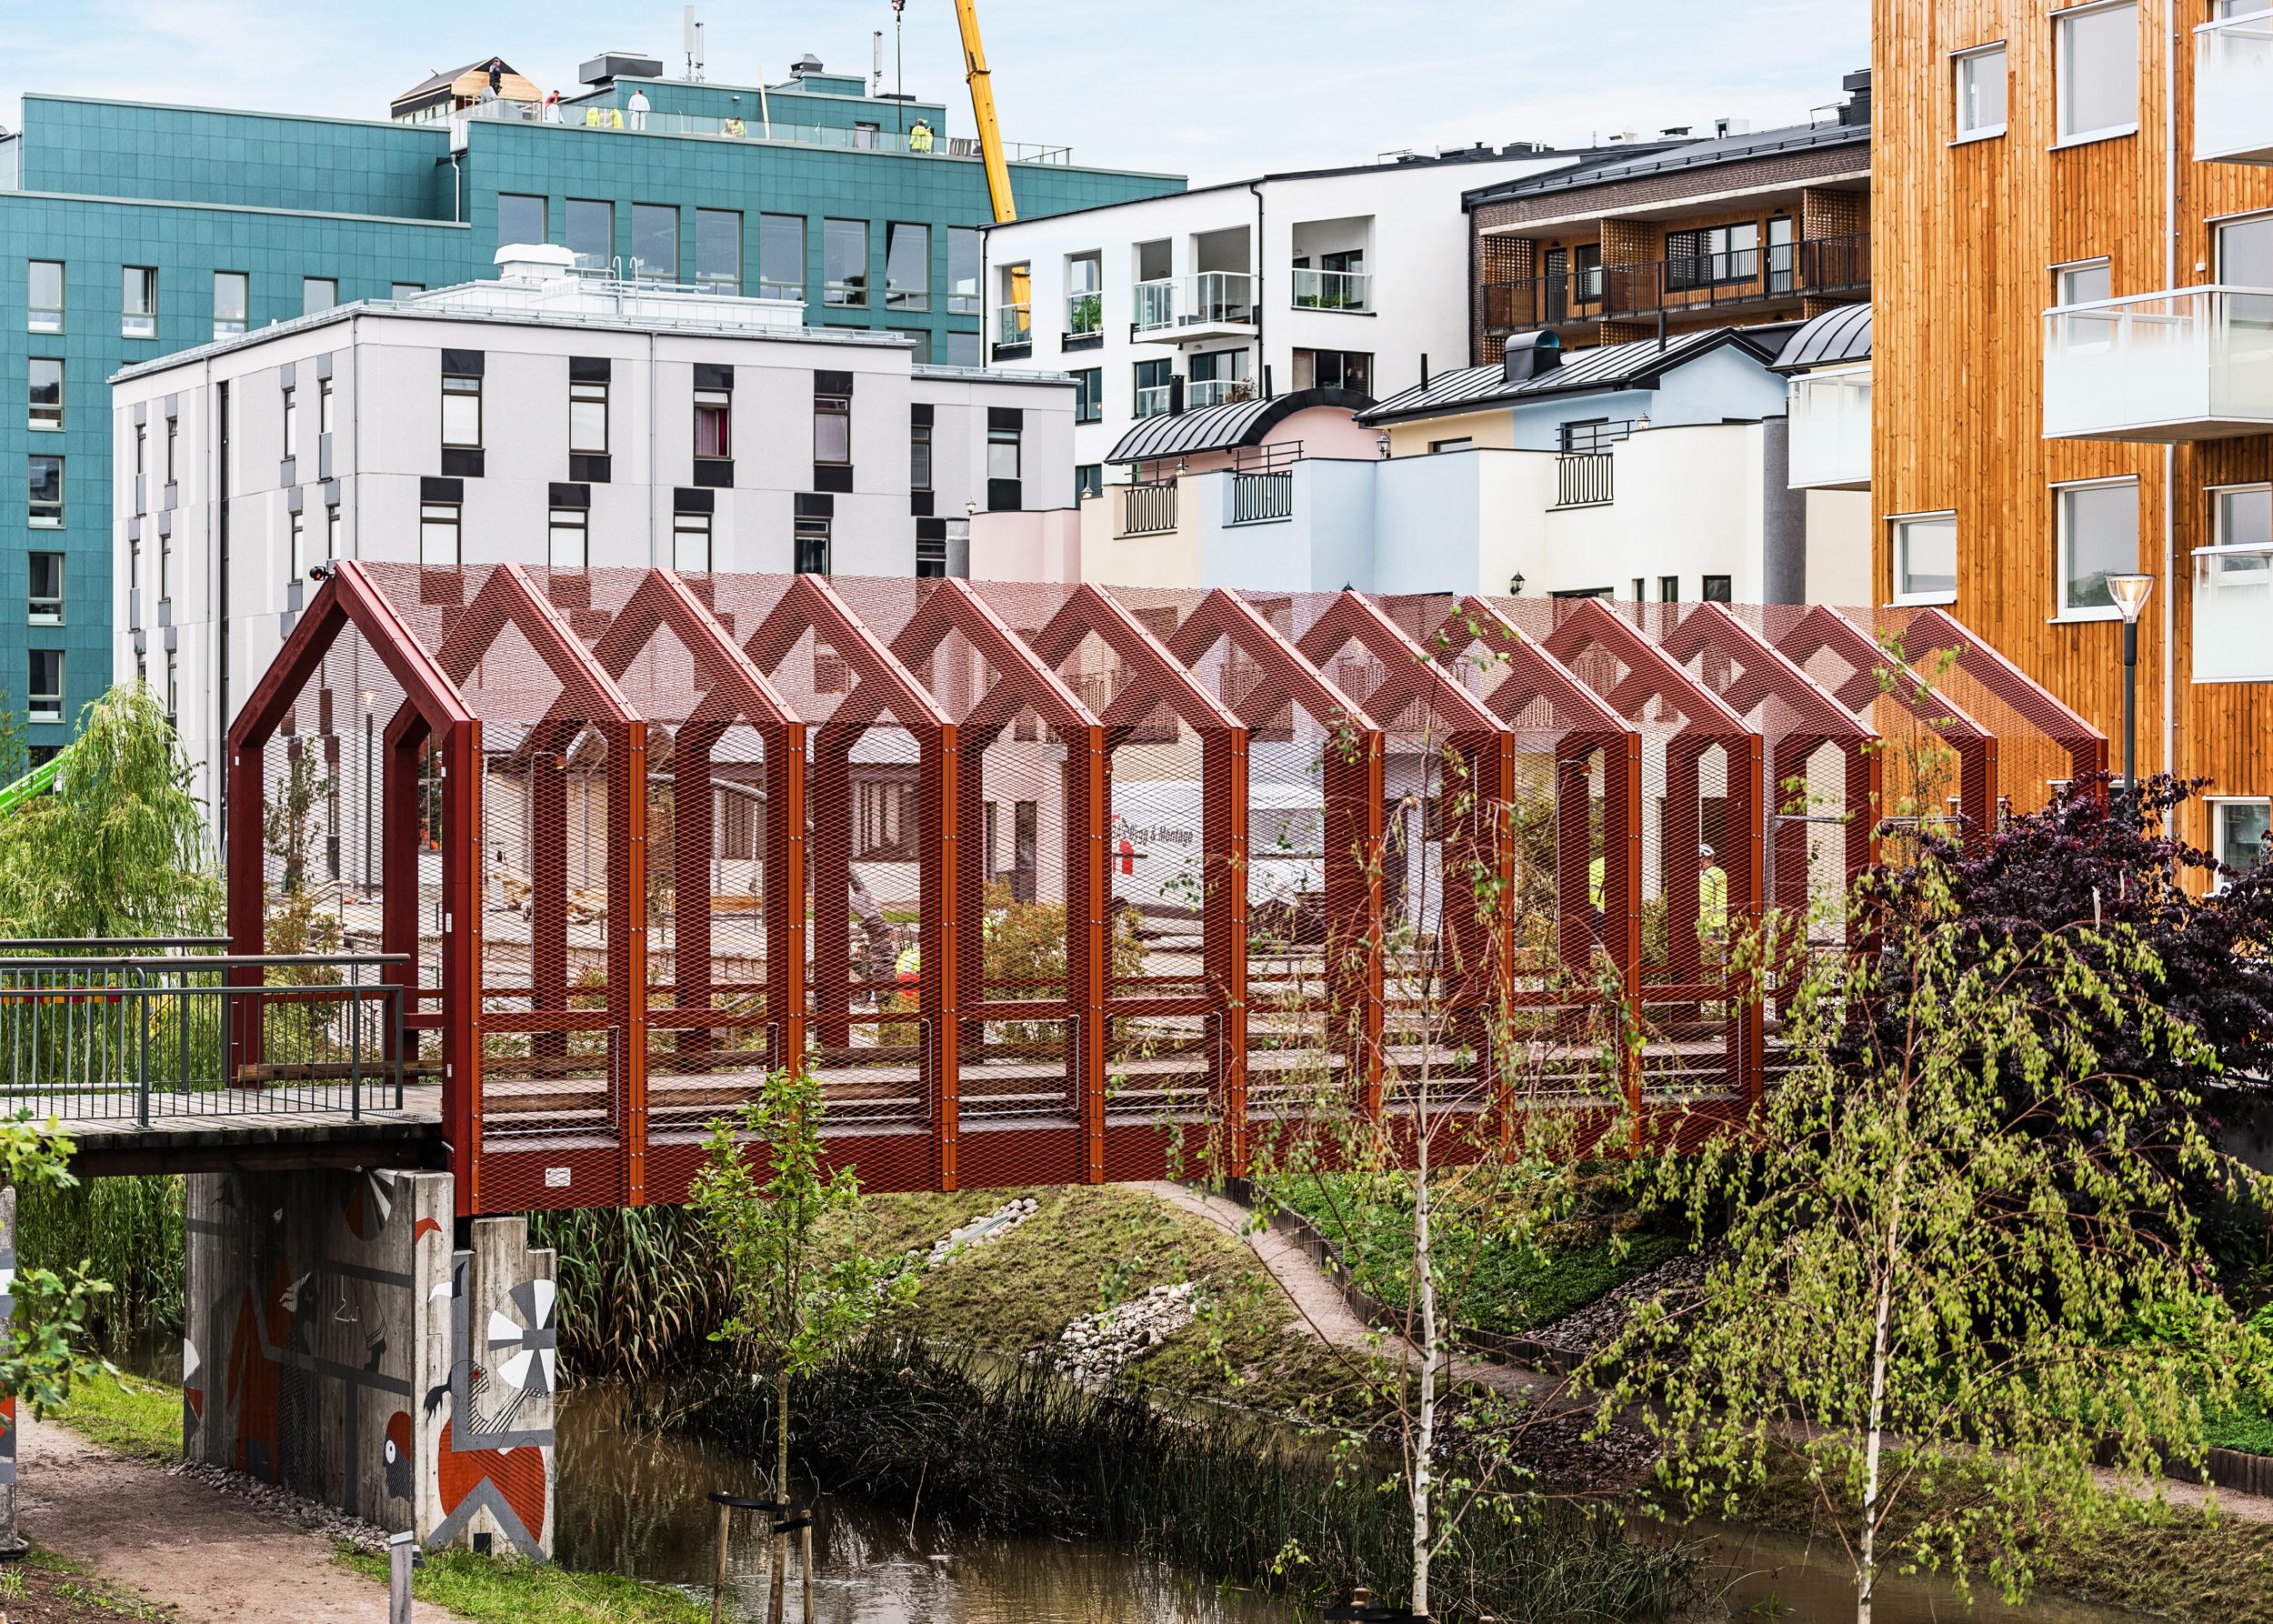 Tartubron (The Tartu Bridge) at Vallastaden Urban Living Expo. Photo: Vallastaden 2017